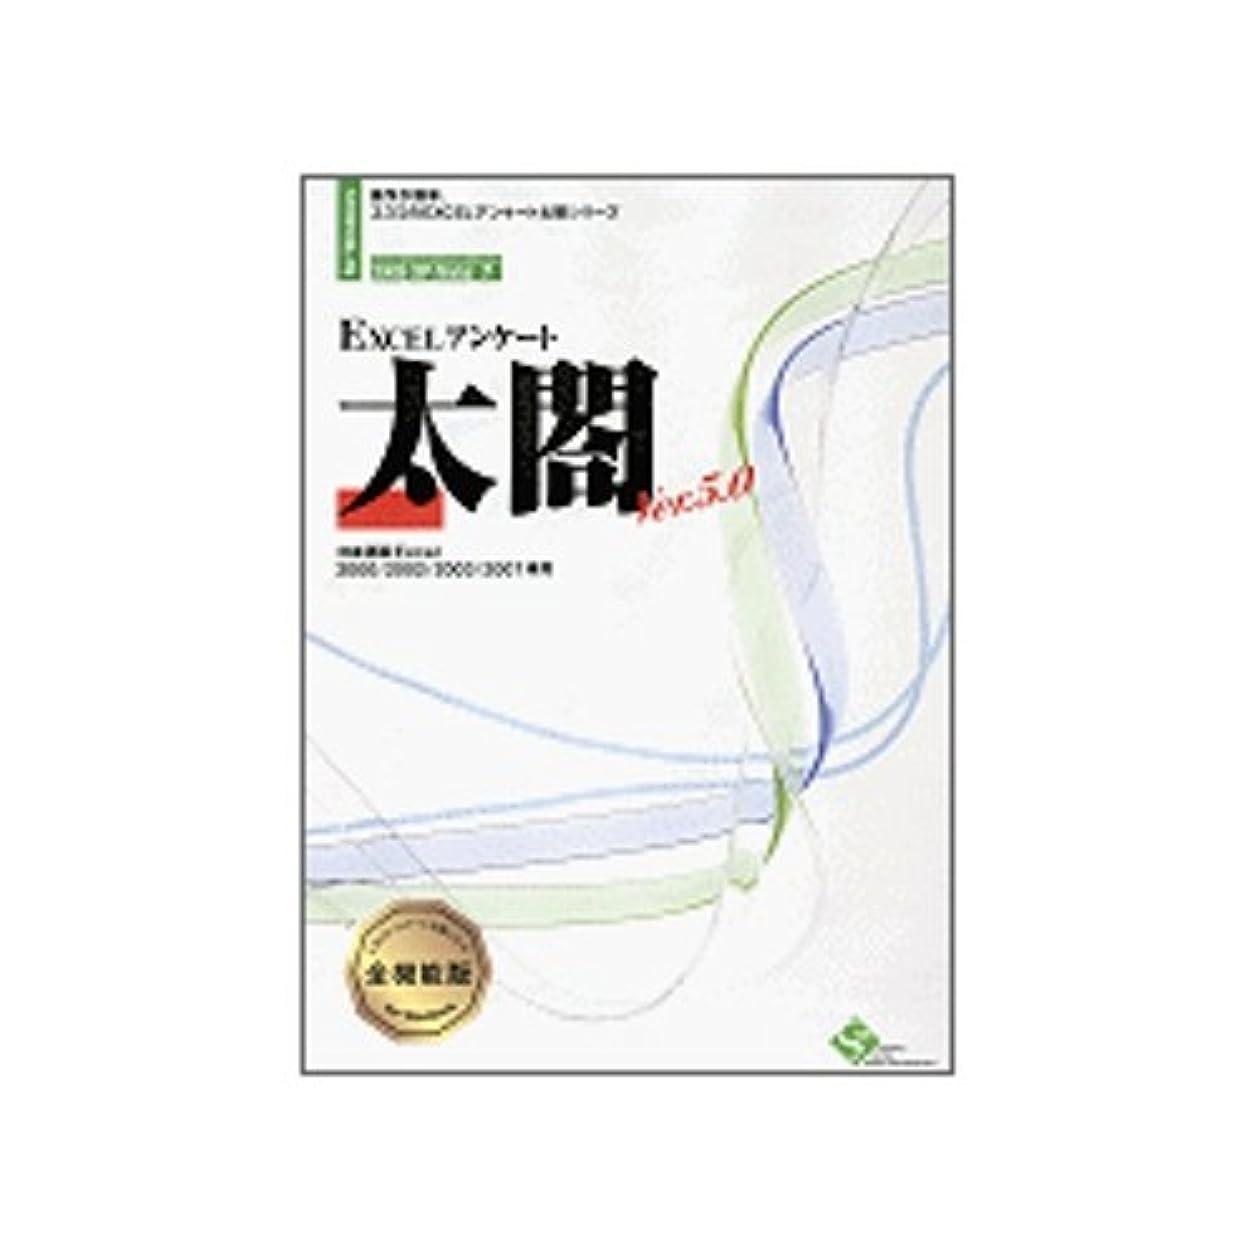 ボス橋脚四回EXCELアンケート太閤 Ver.5.0 集計+グラフ版 1ライセンスパッケージ アカデミック